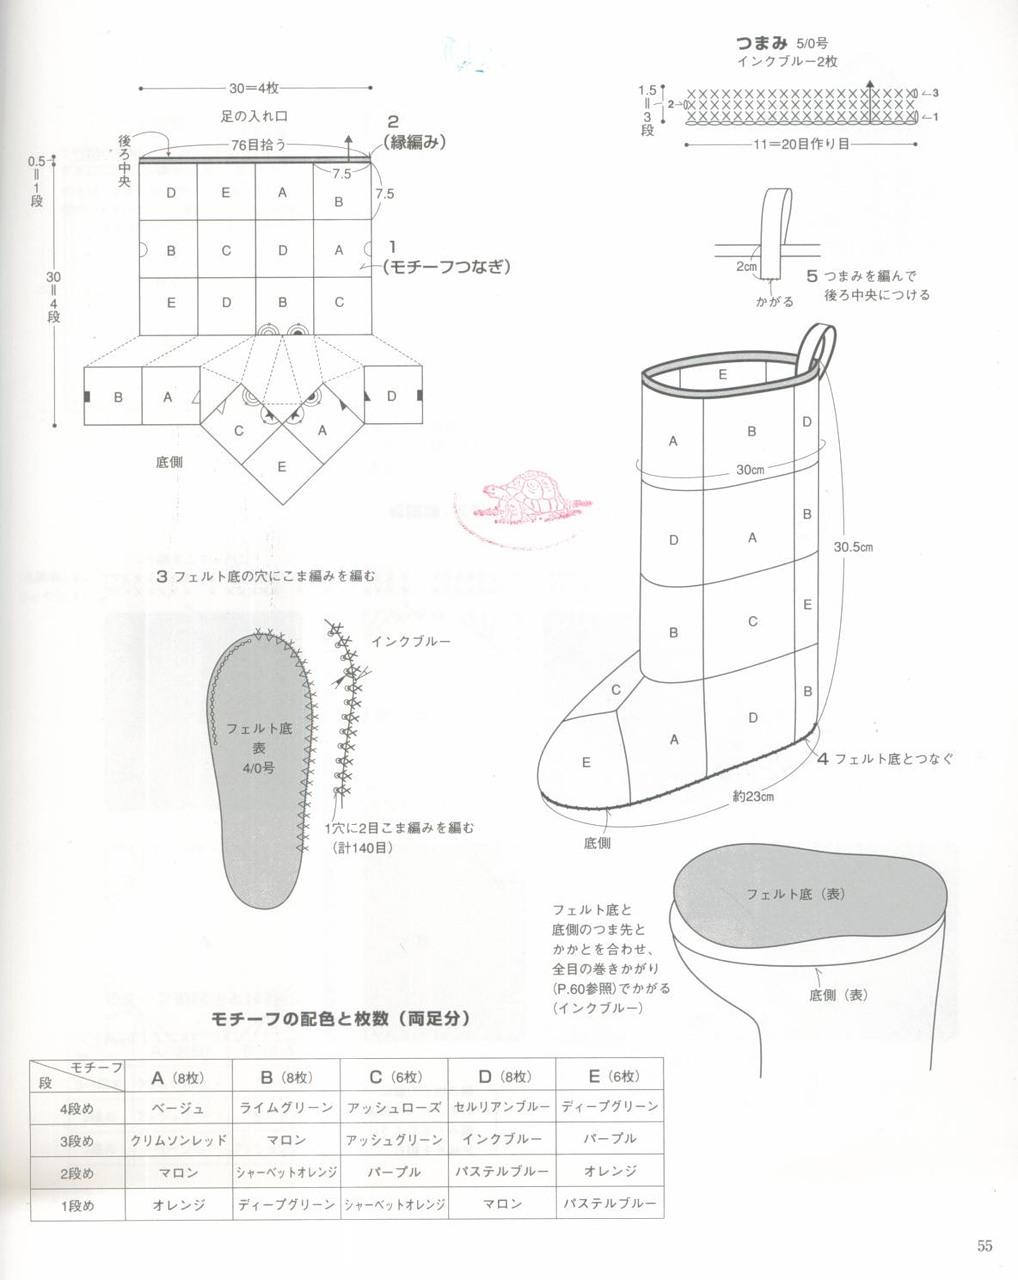 сапожки вязаные крючком схема